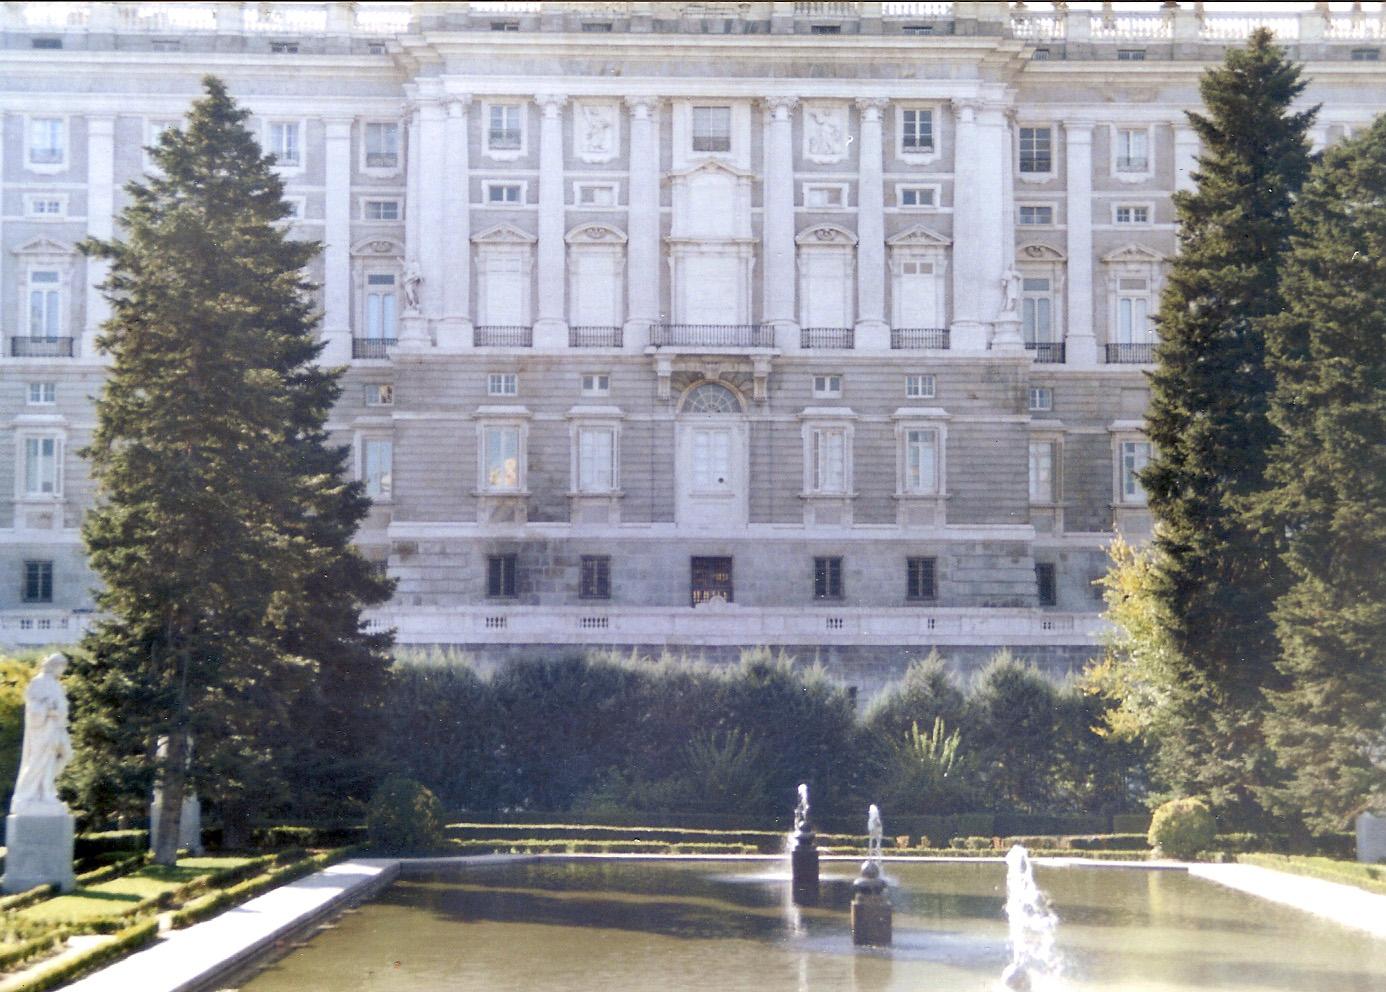 Fotografias propias jardines del palacio real de madrid - Jardines palacio real madrid ...